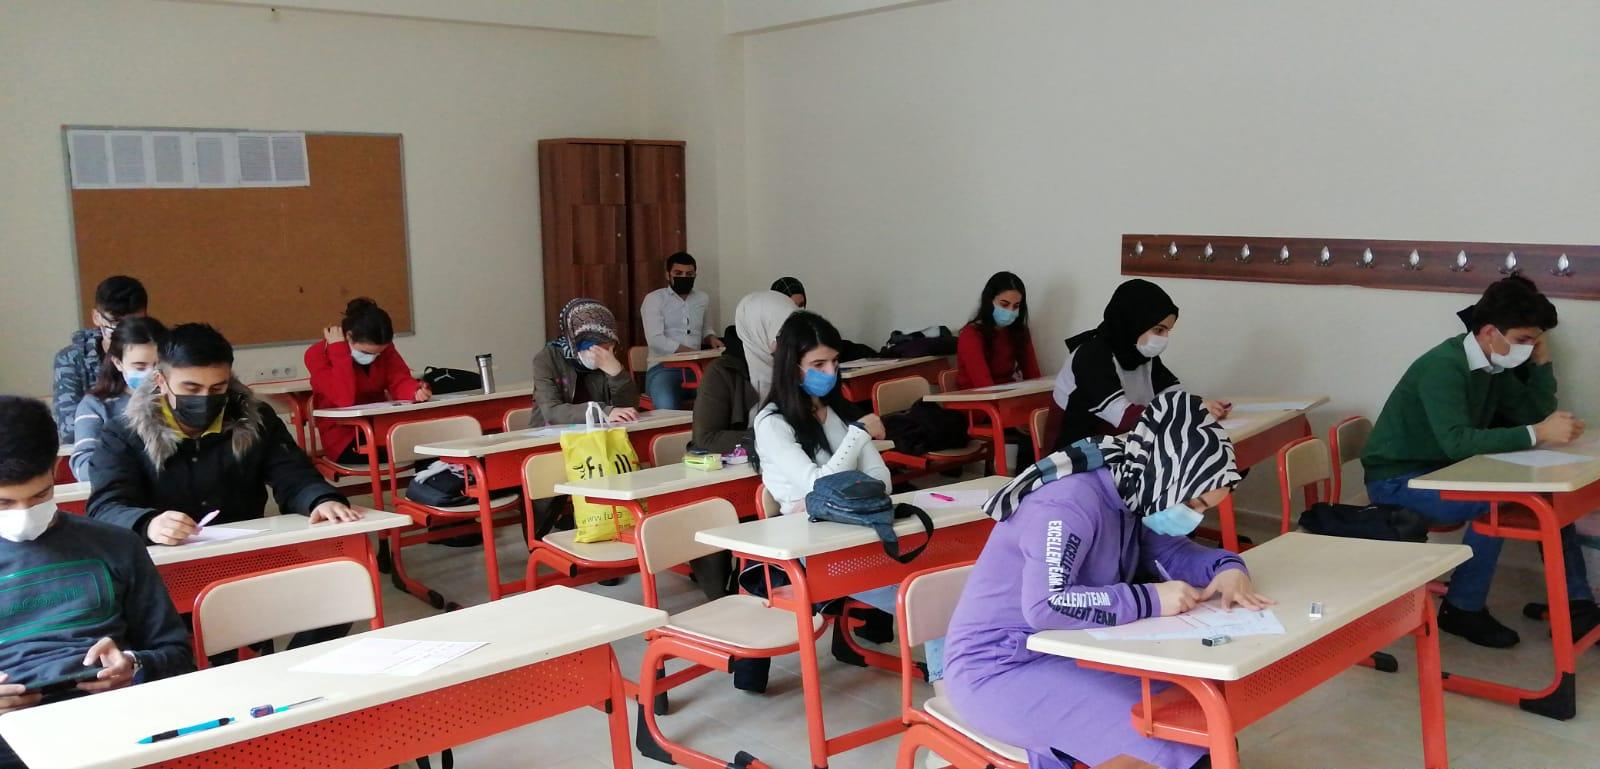 Bağlar Belediyesi eğitim merkezi hizmet veriyor